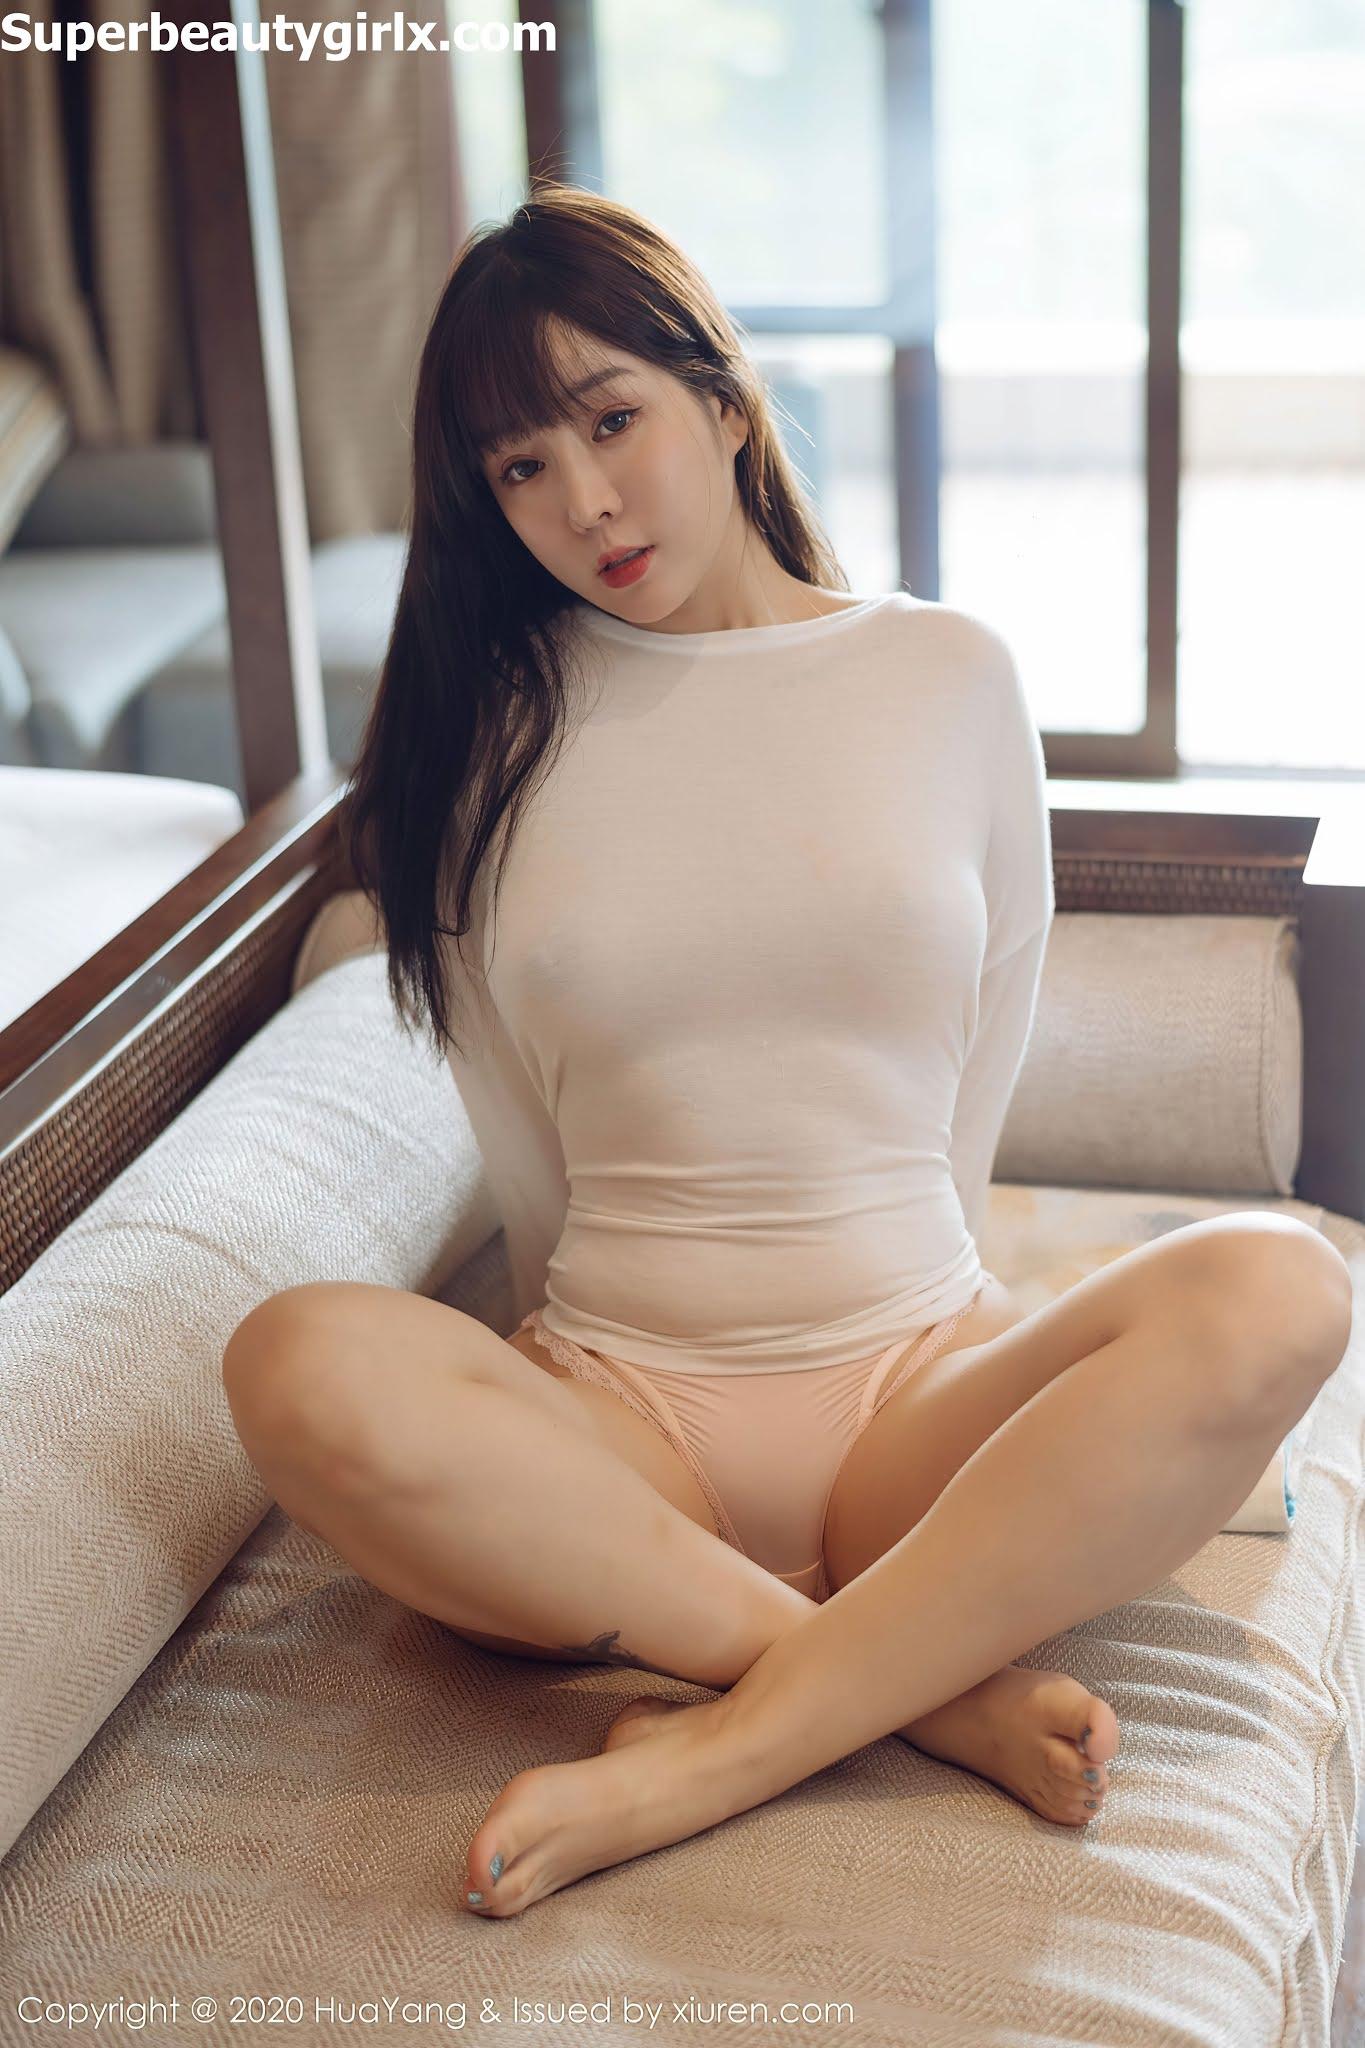 HuaYang-Vol.306-Wang-Yu-Chun-Superbeautygirlx.com